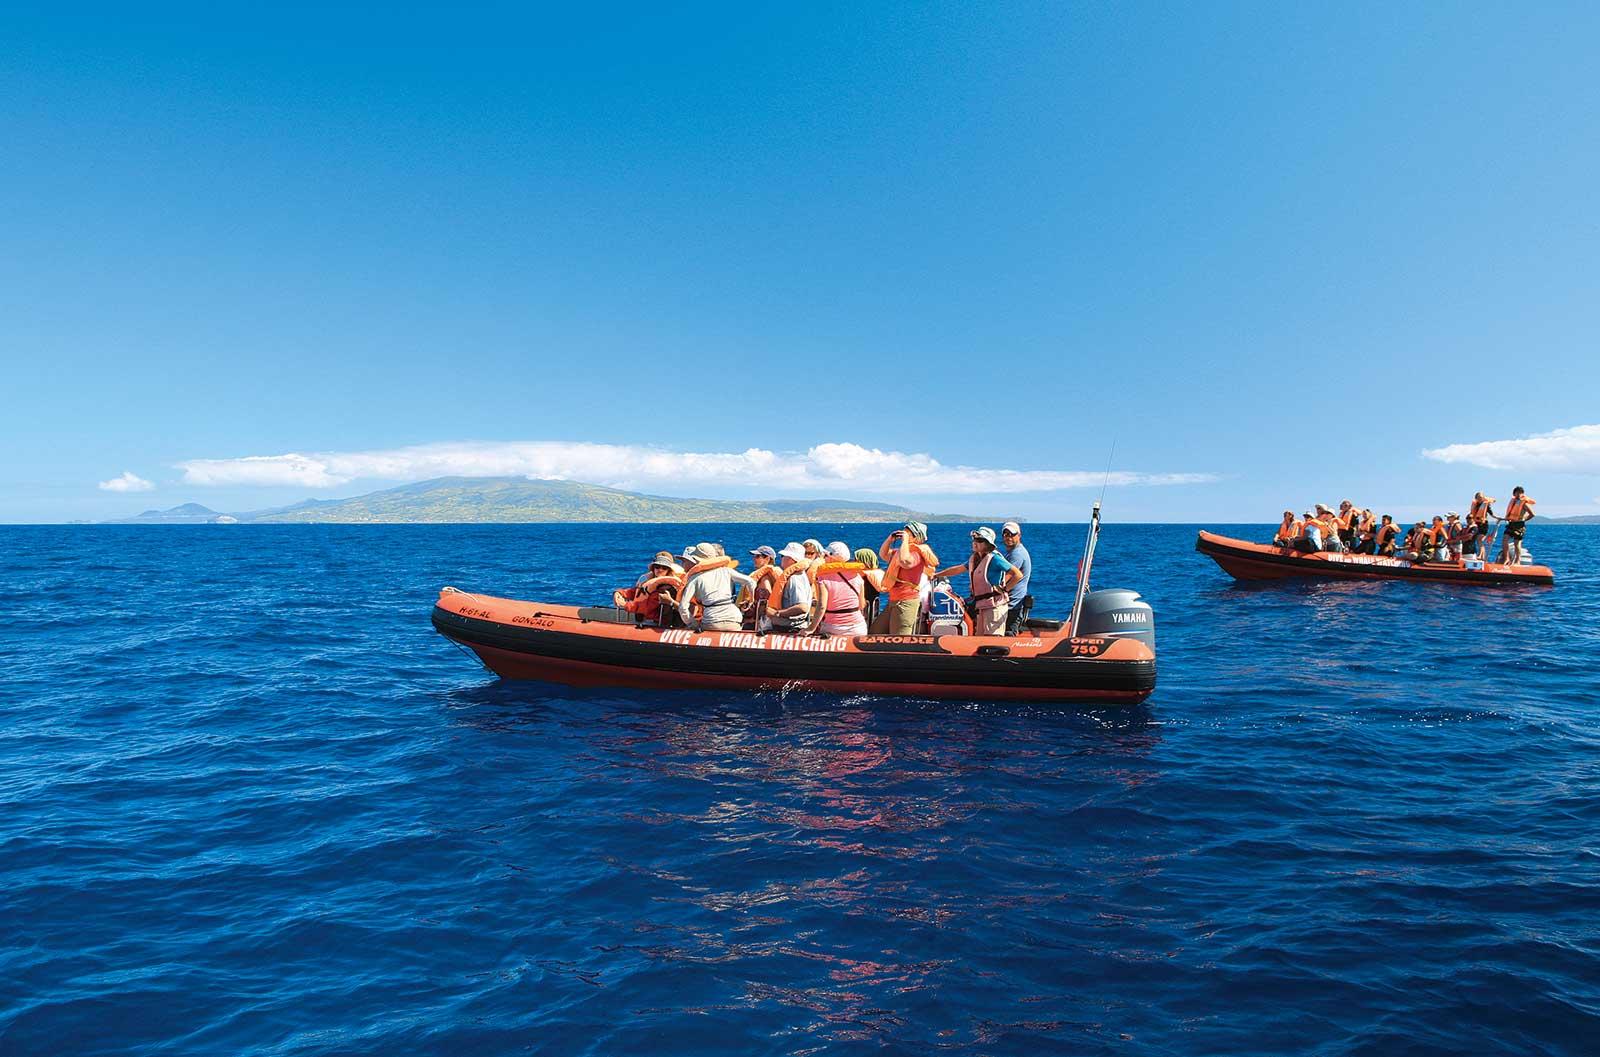 Sortie en mer Espaça Talassa à Pico, 27 espèces de mammifères marins recensées aux Açores